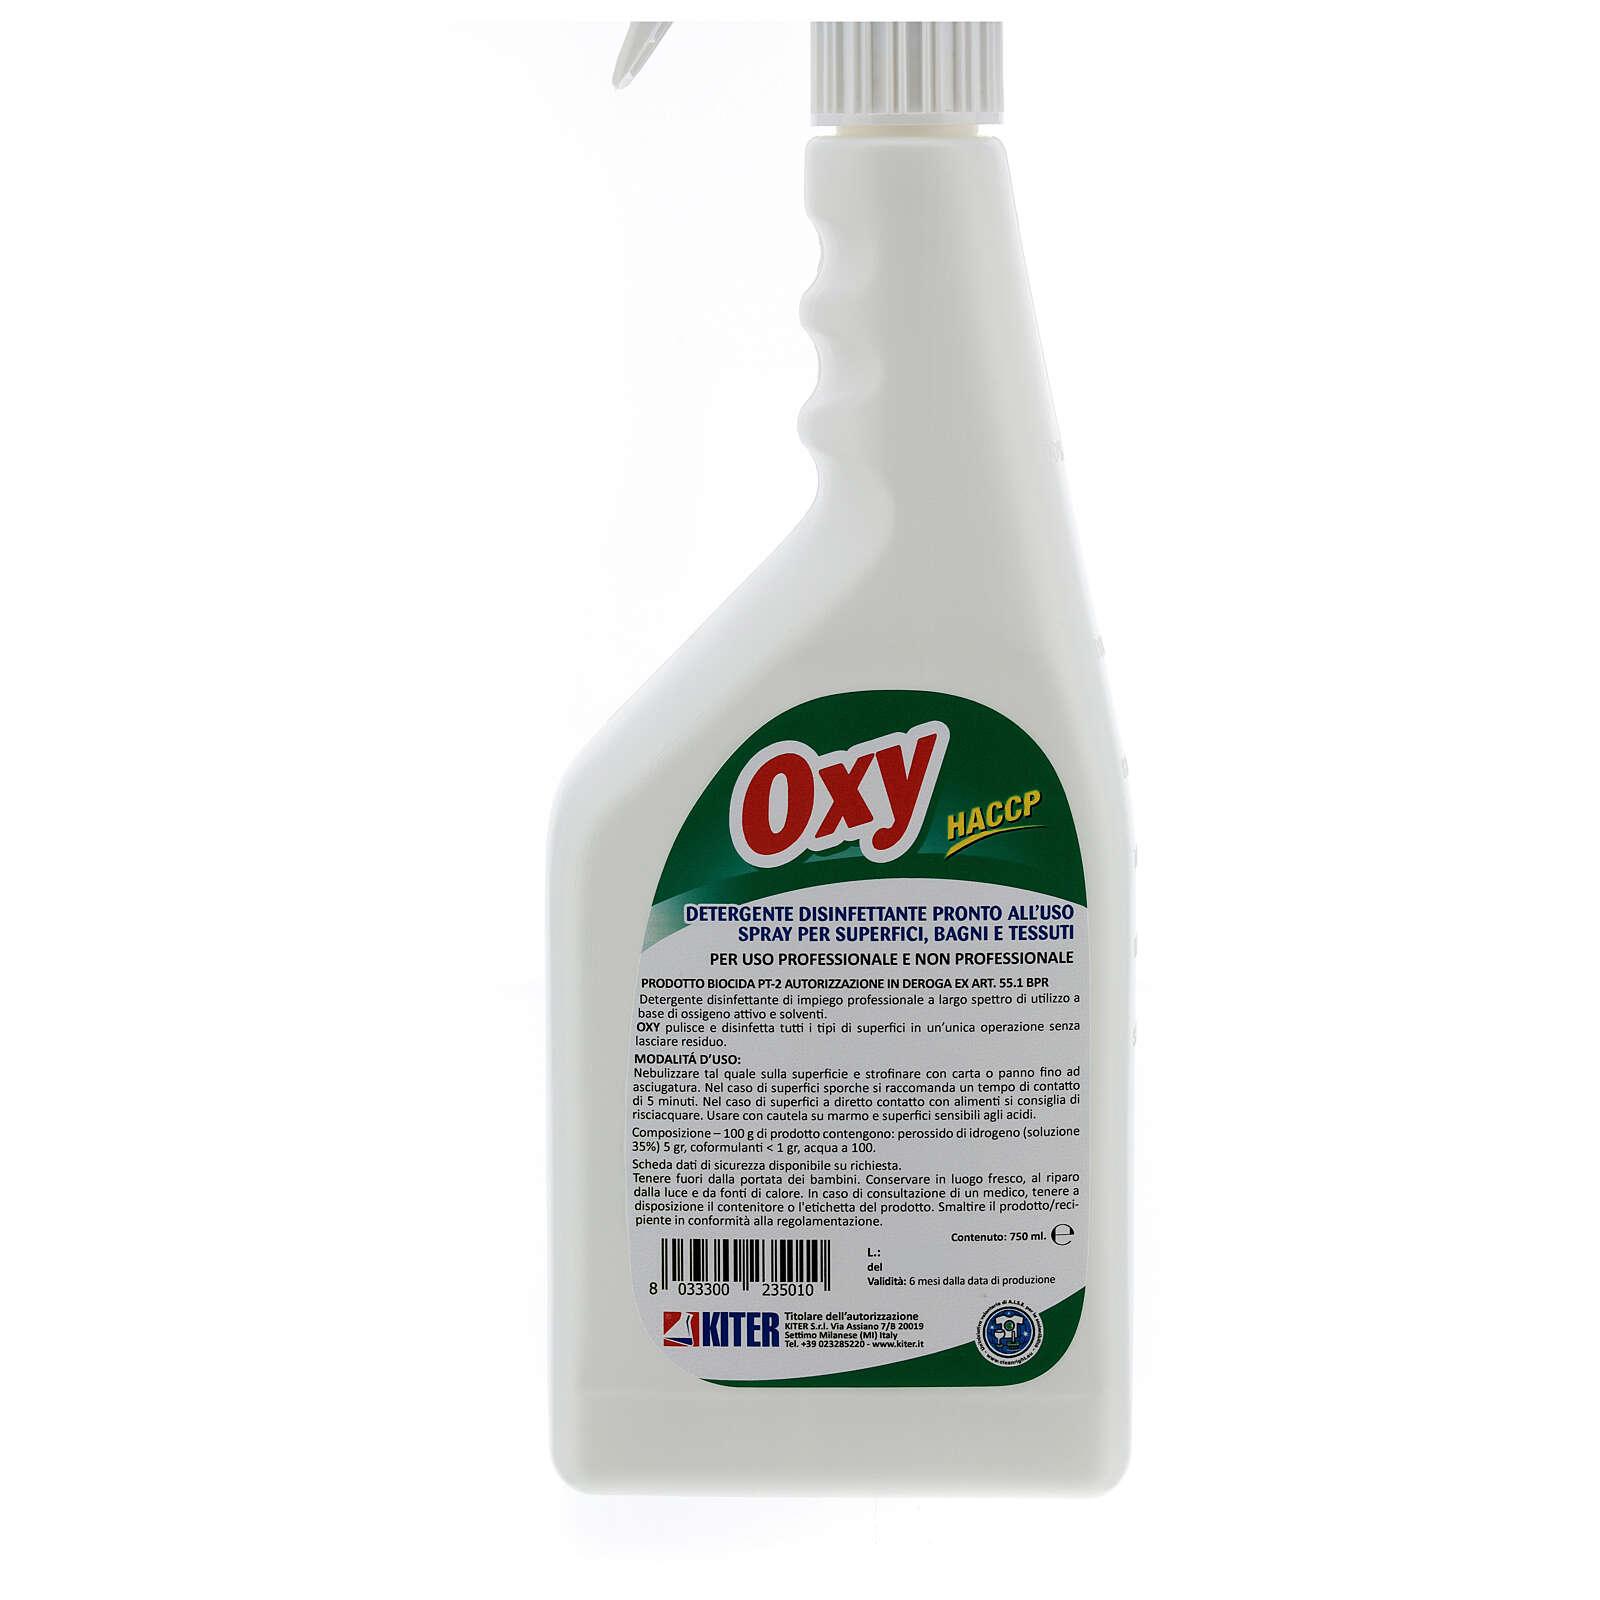 Desinfectante Oxy Biocida espray 750 ml 3